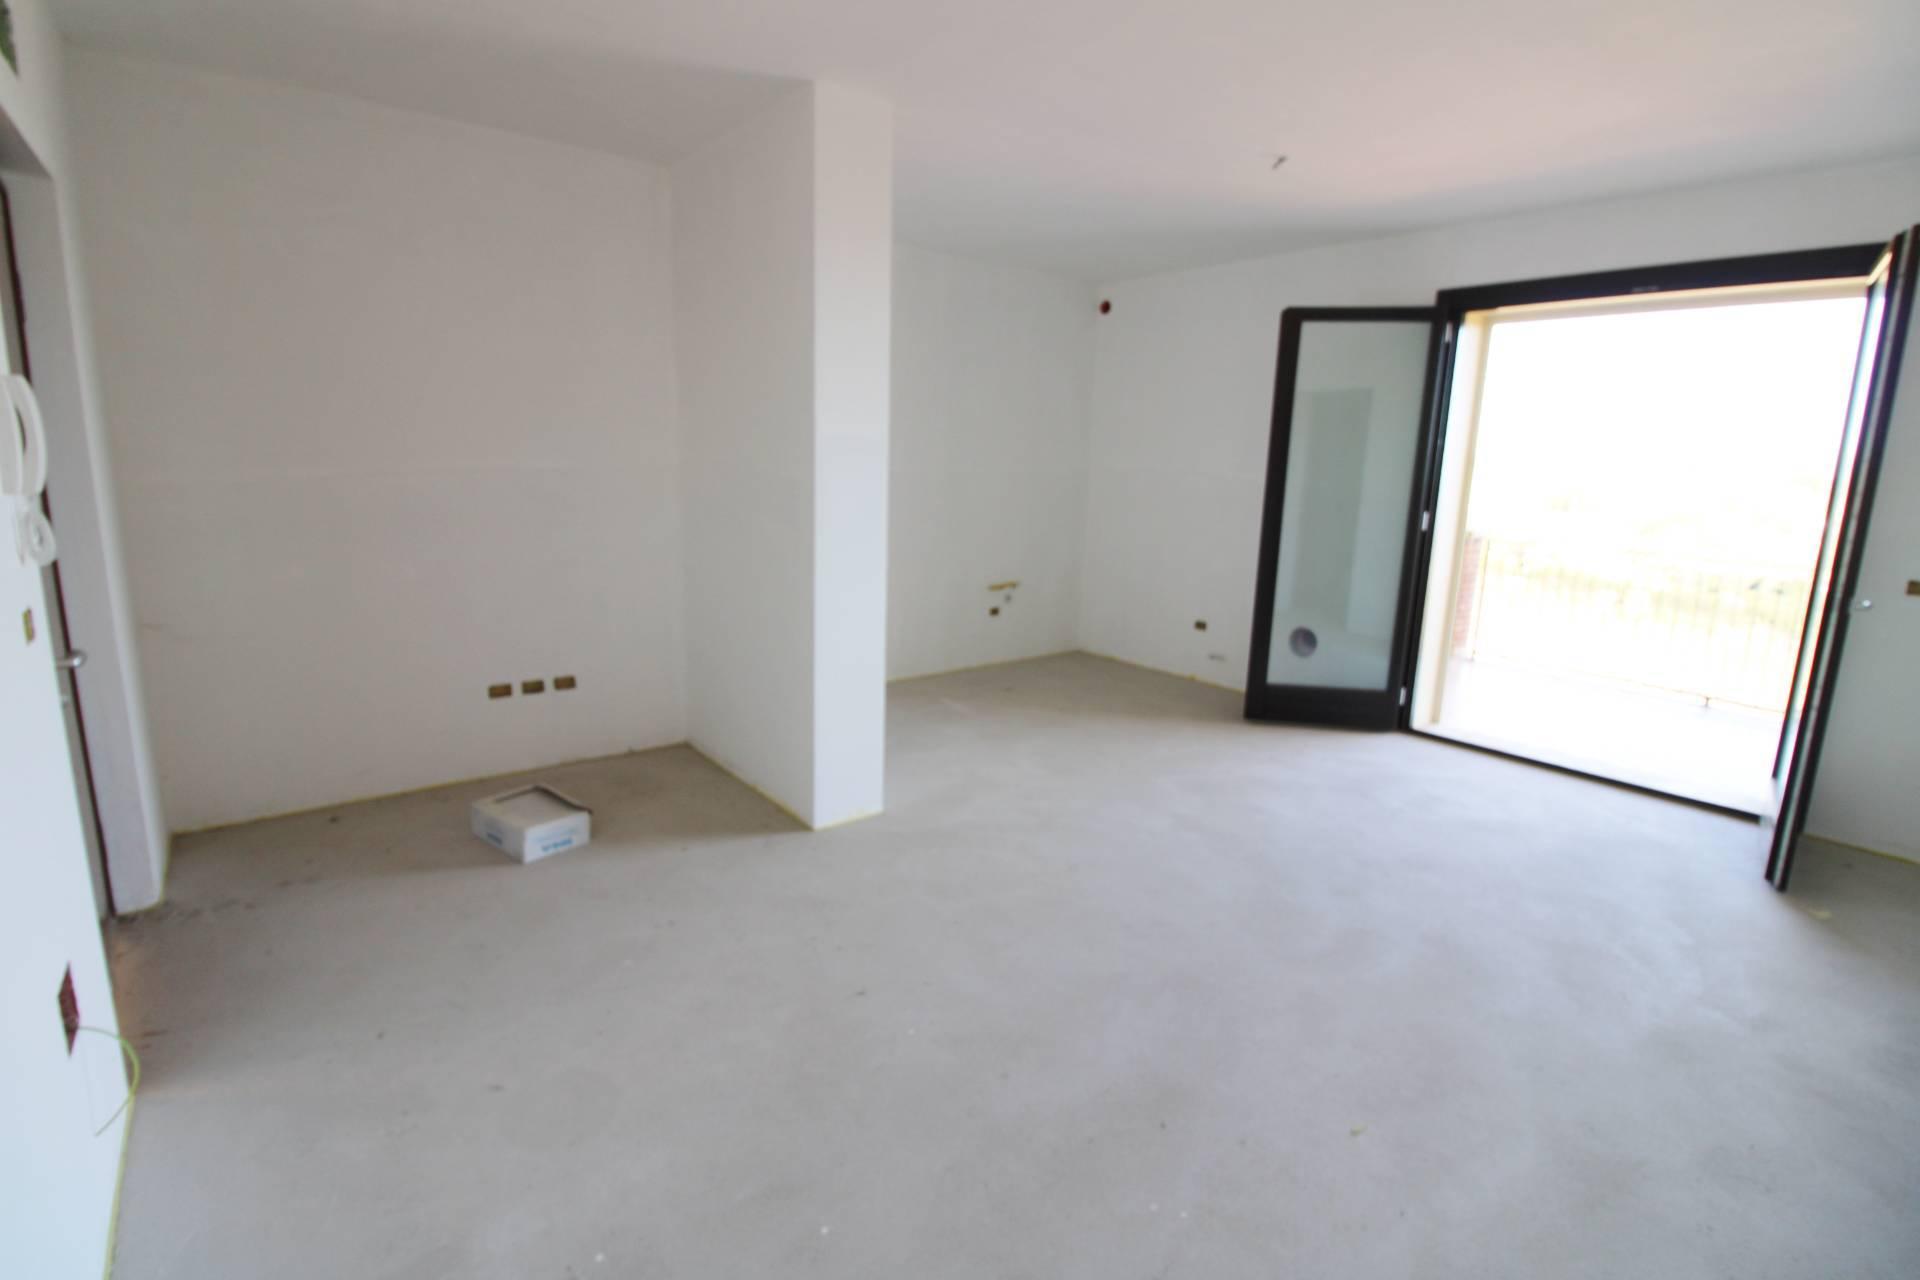 Appartamento in vendita a Colonnella, 4 locali, prezzo € 128.000 | PortaleAgenzieImmobiliari.it